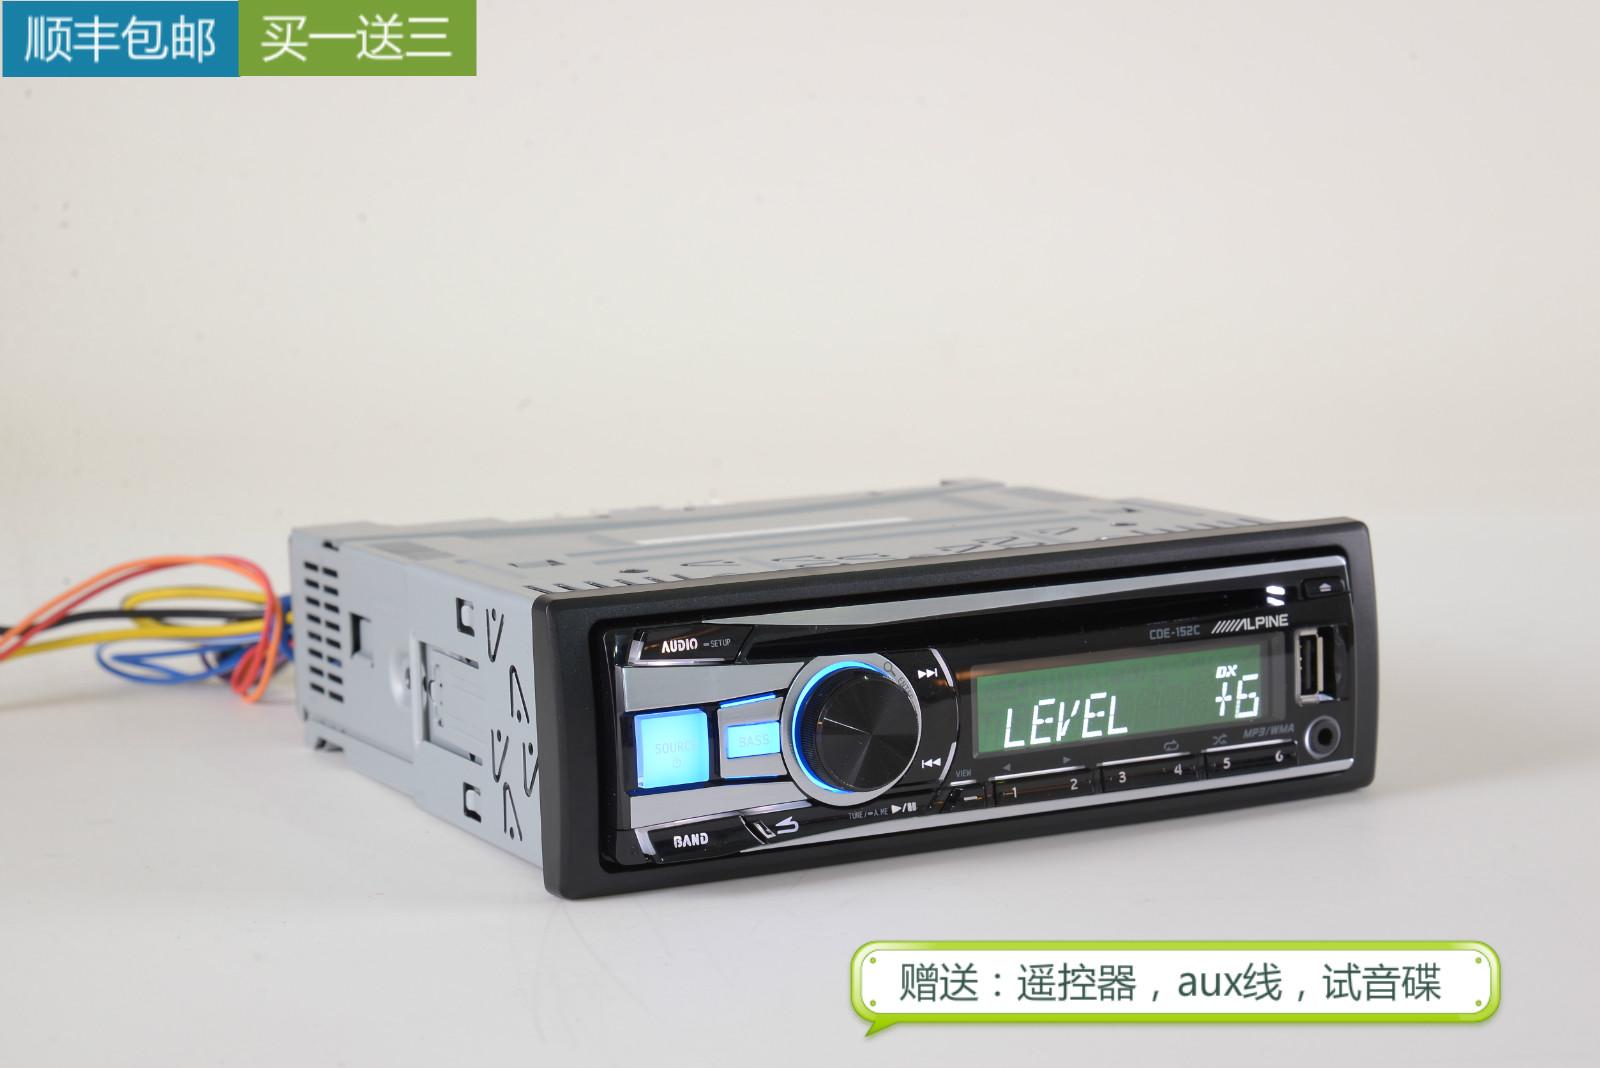 阿��派汽�cd�C152C全新正品��d播放器音��C�^汽�音�CD主�C